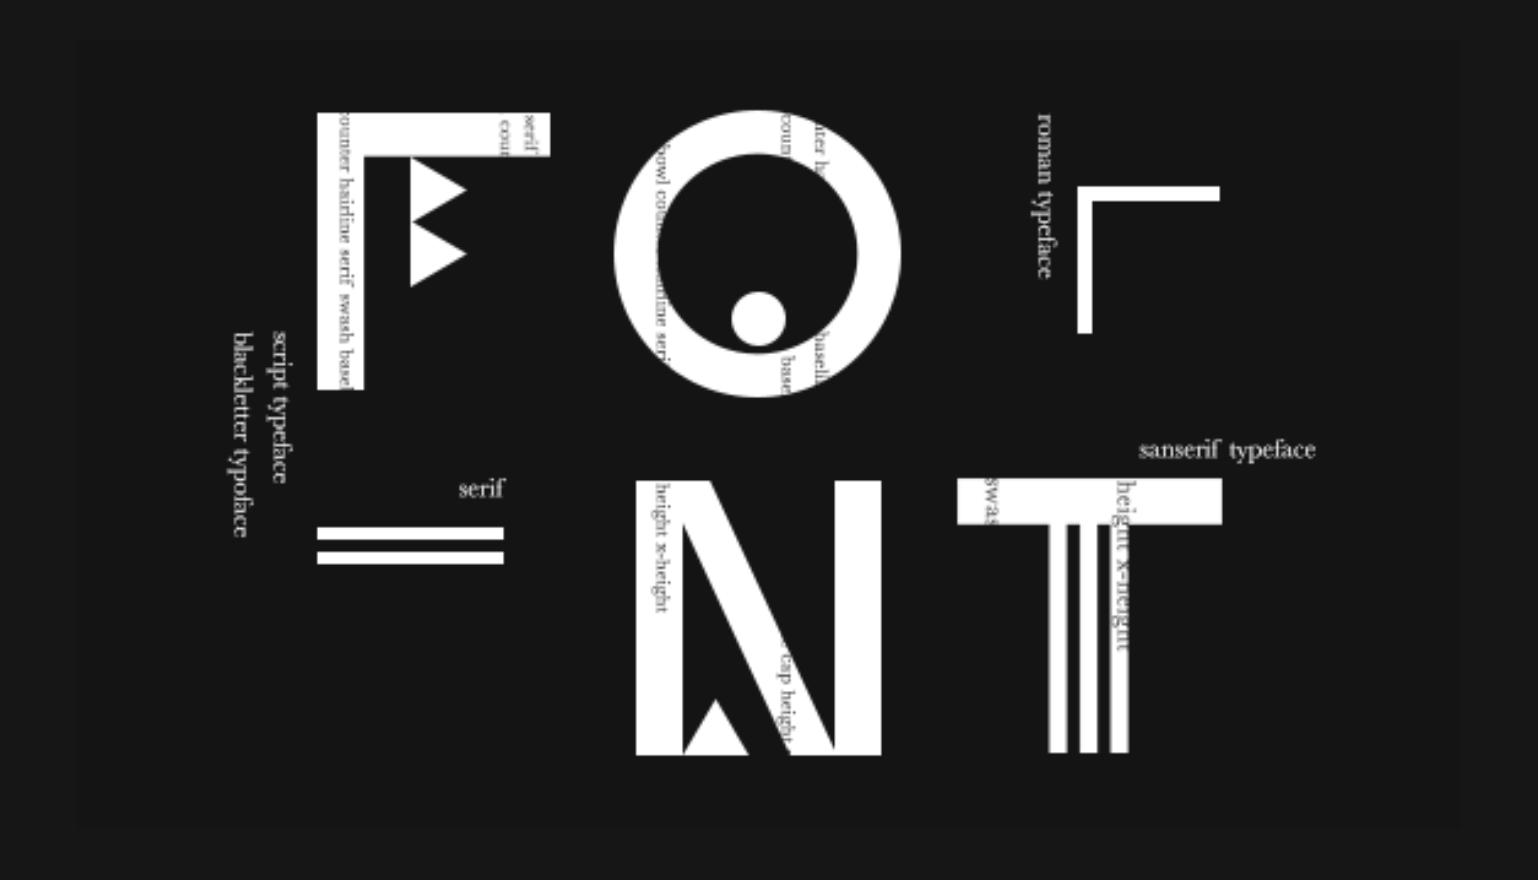 「換個字體差那麼多嗎?」設計師告訴你字體的選用撇步